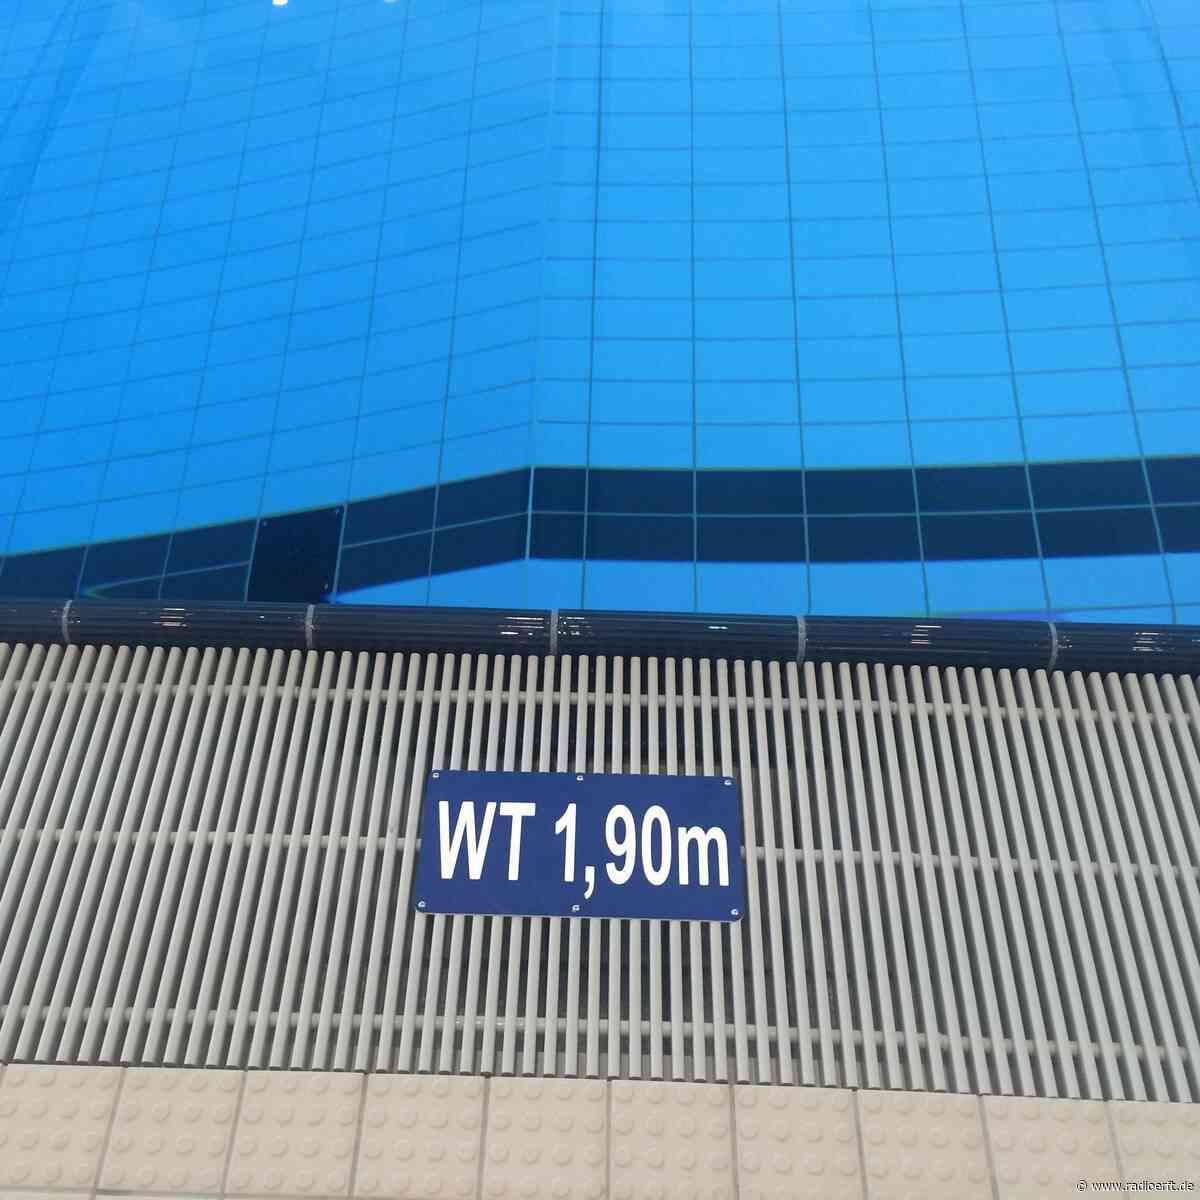 Schulschwimmbad in Wesseling erst später offen? - radioerft.de